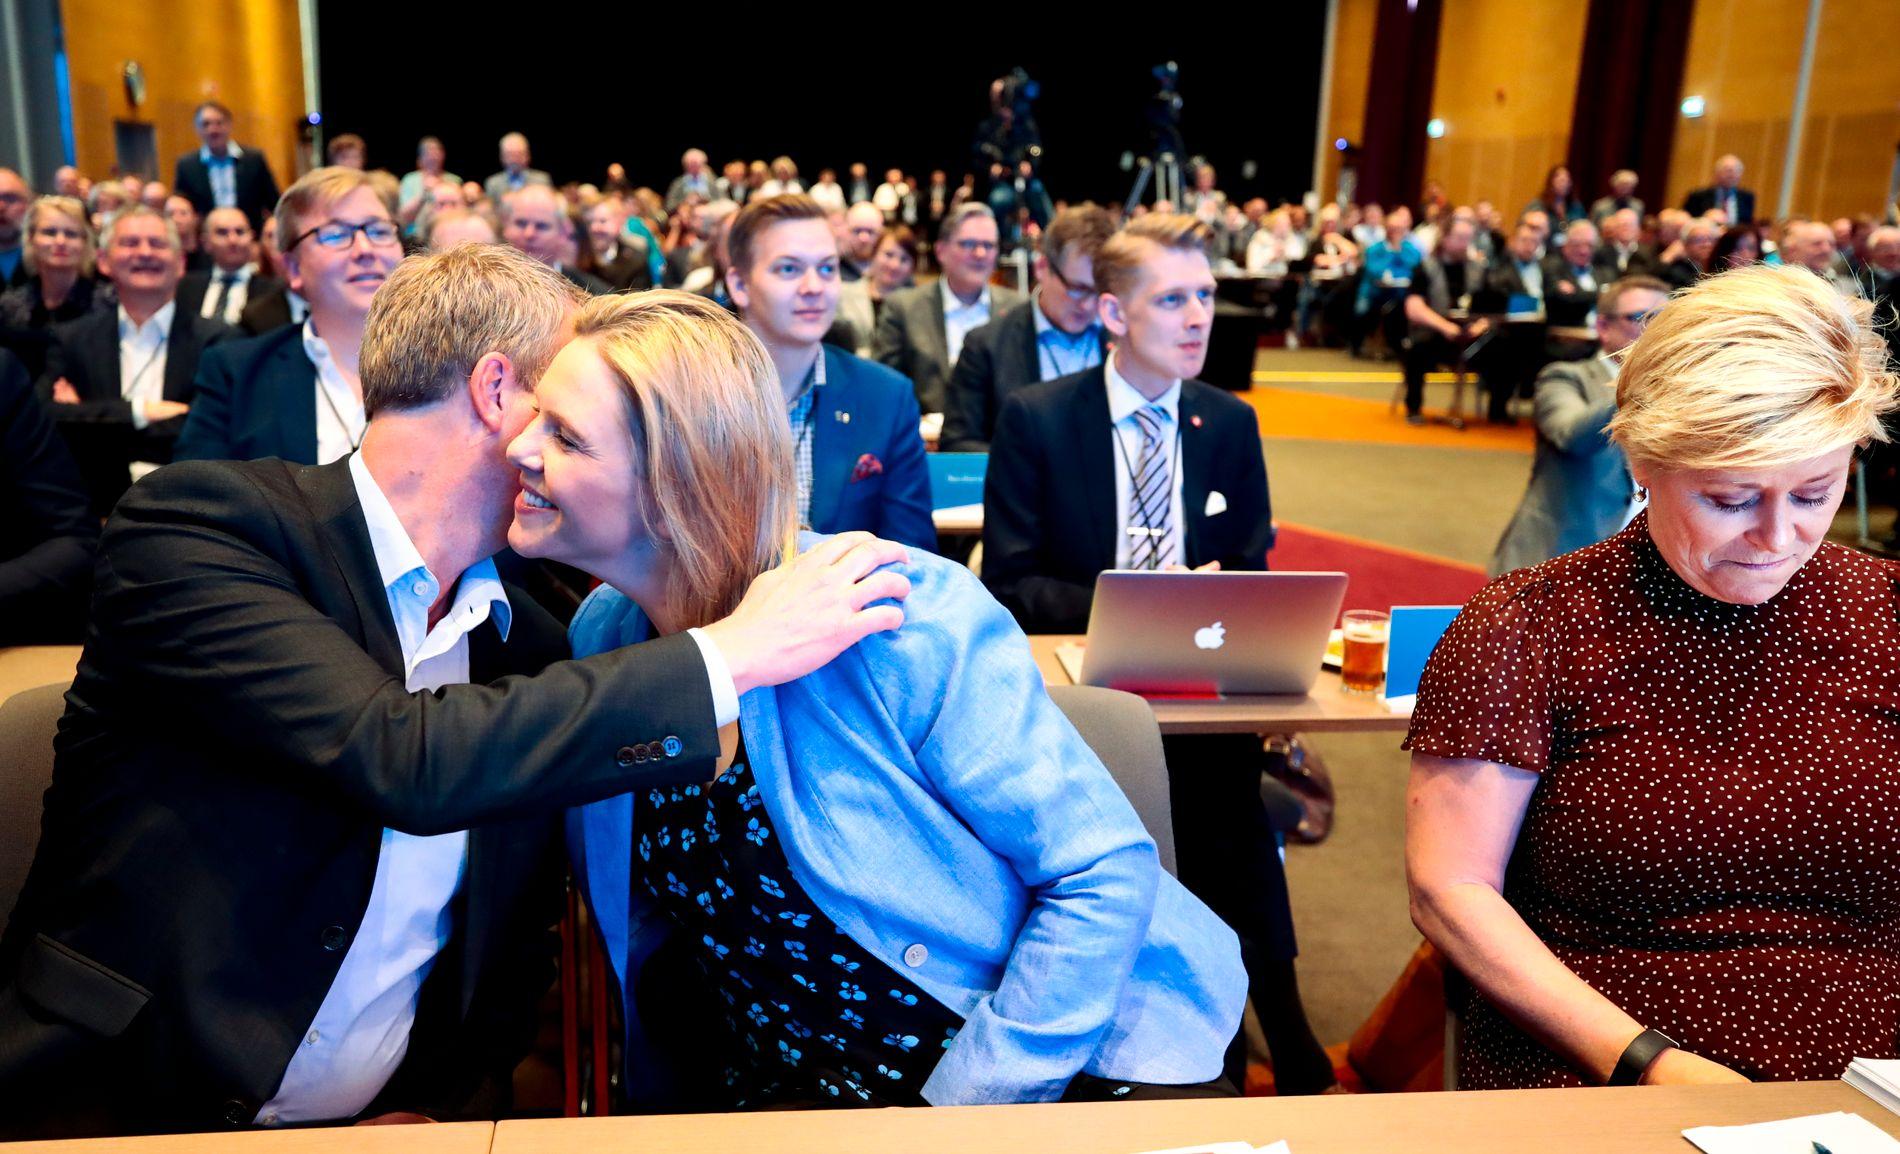 TO NESTLEDERE: Sylvi Listhaug gratuleres av Terje Søviknes etter å ha blitt valgt til 1. nestleder.